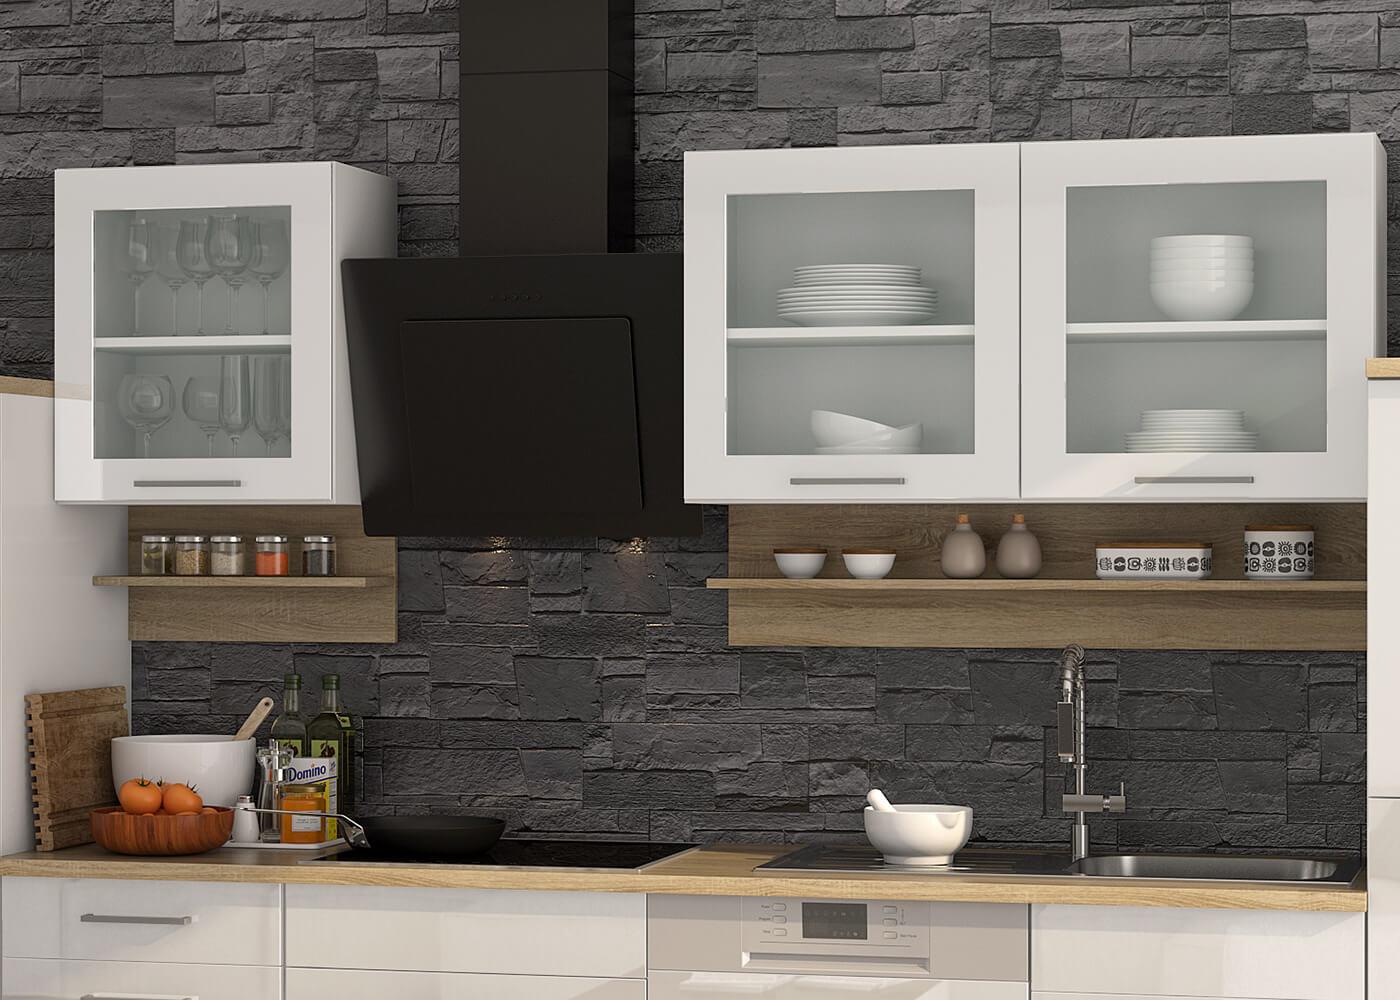 Full Size of Weißer Hängeschrank Küche Glas Hängeschrank Küche Buche Eckschrank Hängeschrank Küche Hängeschrank Küche Montieren Küche Hängeschrank Küche